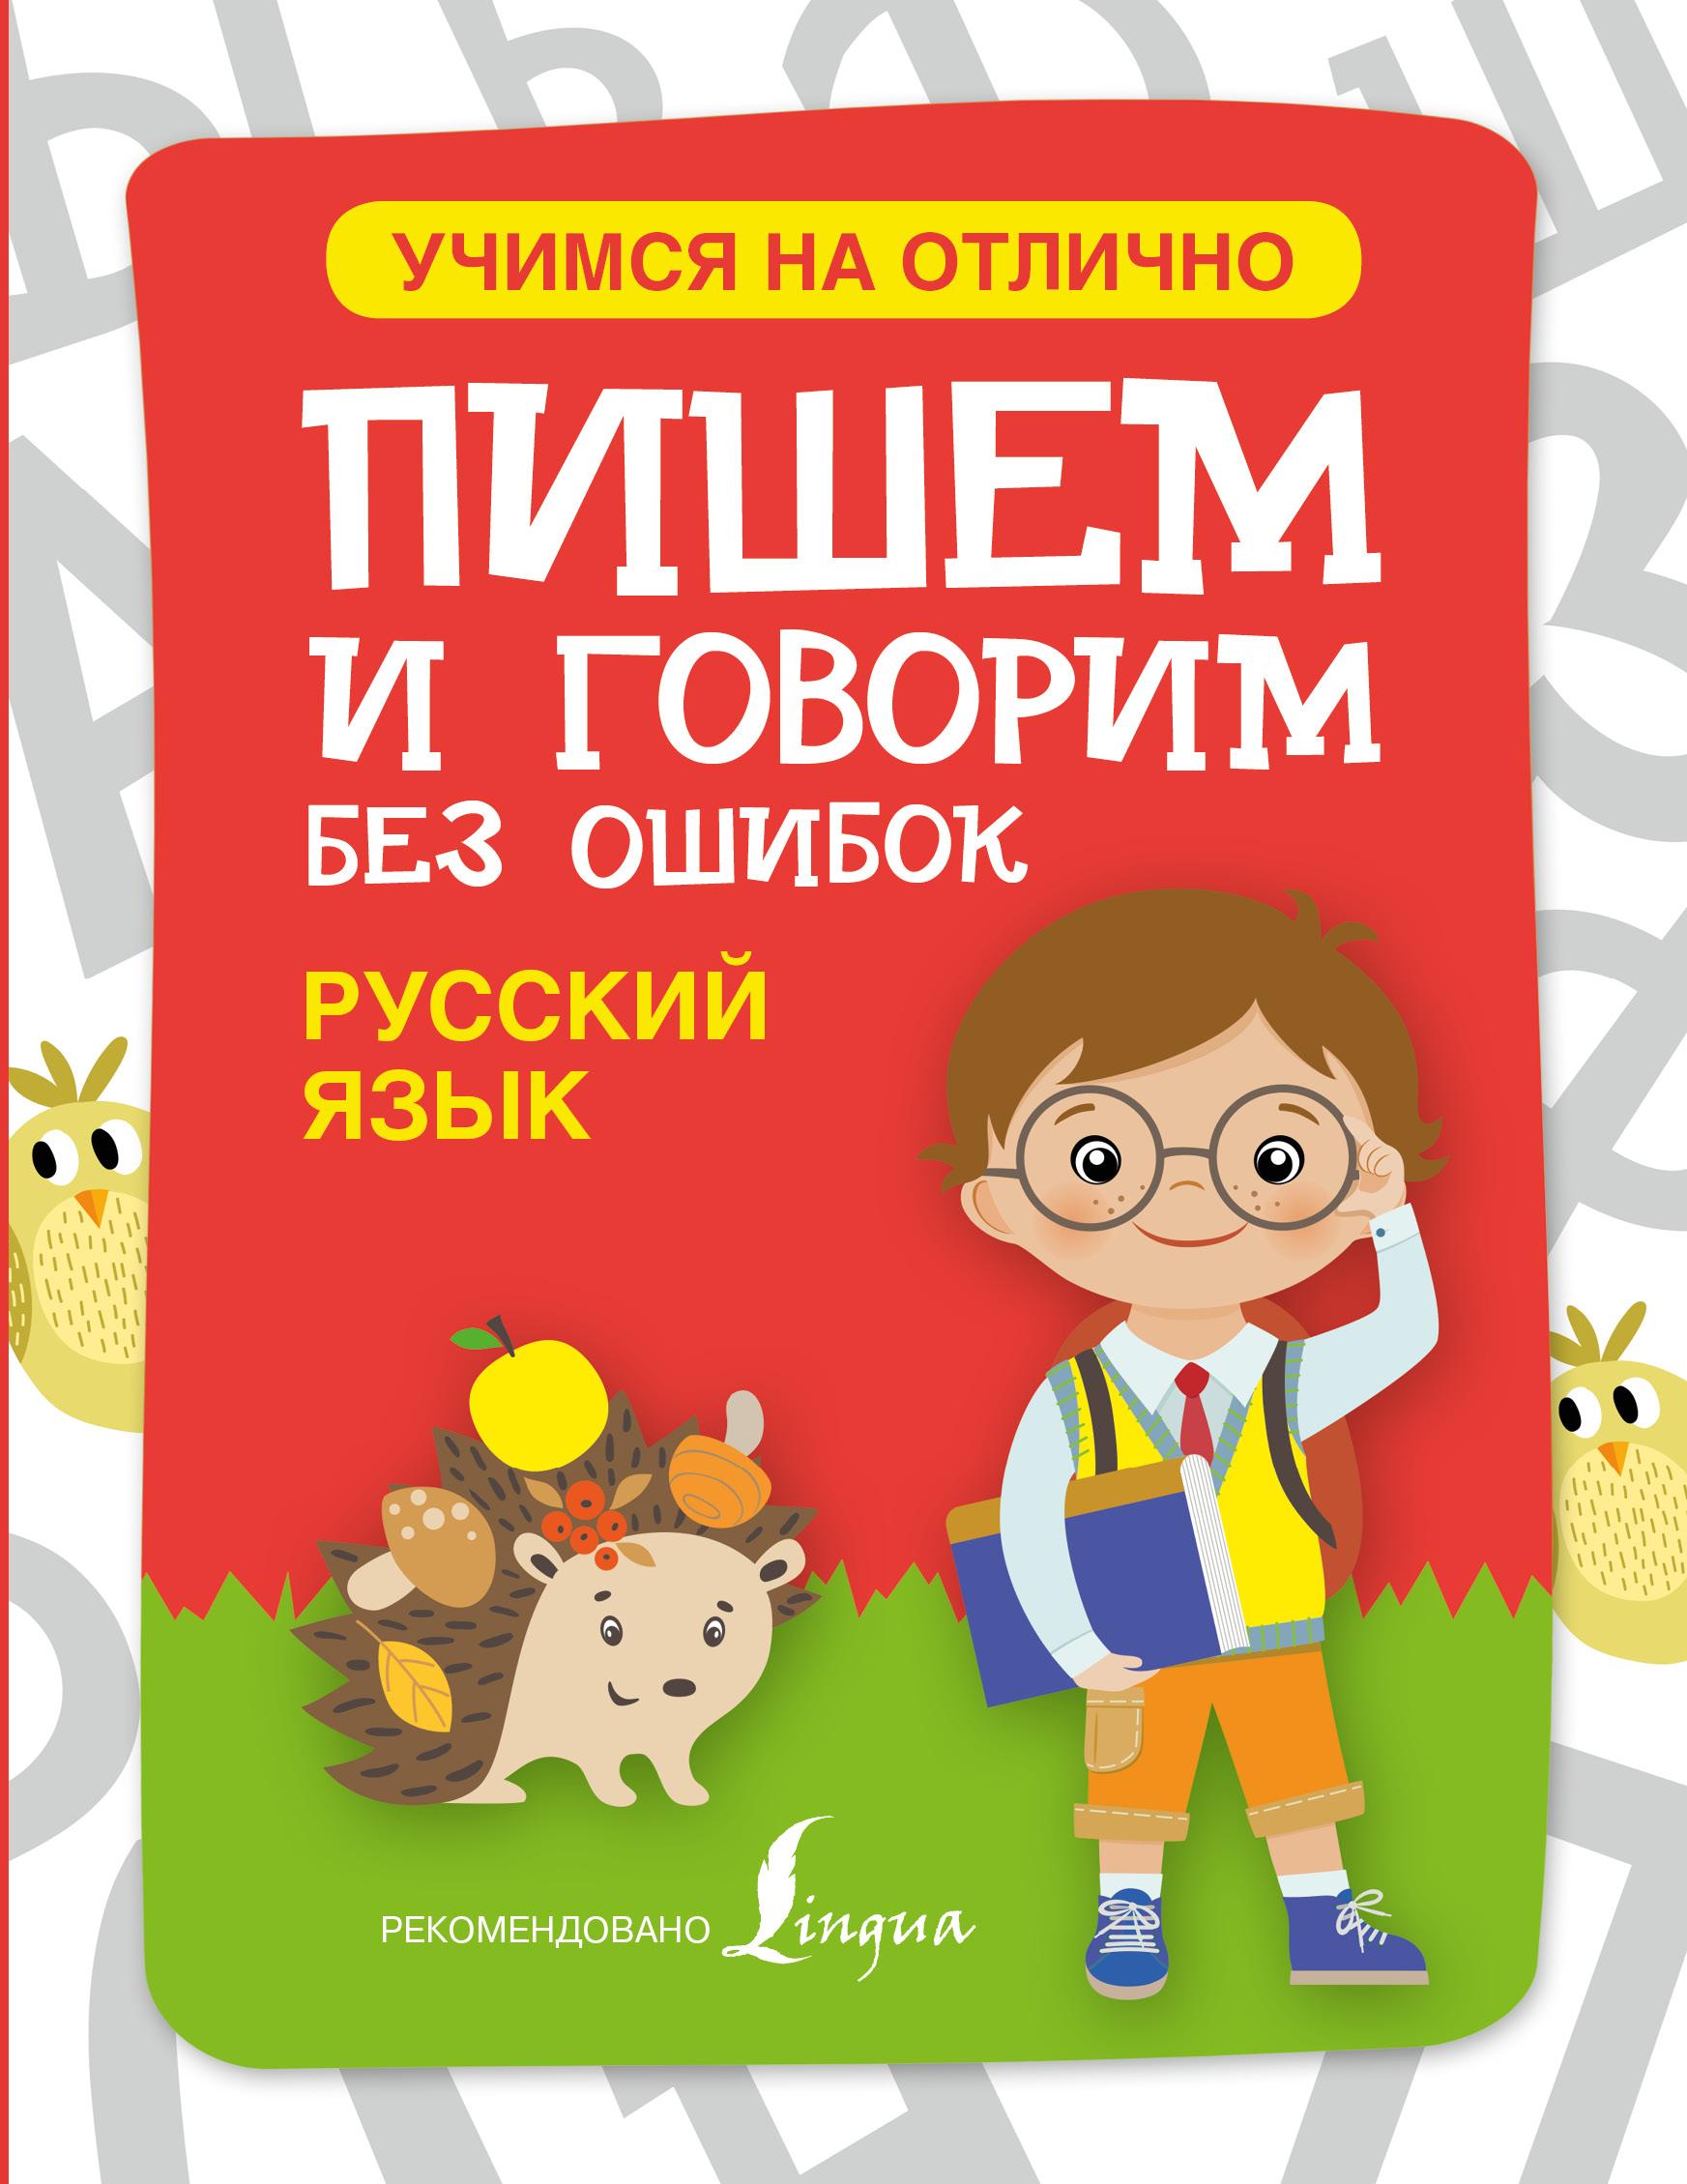 Русский язык. Пишем и говорим без ошибок ( .  )